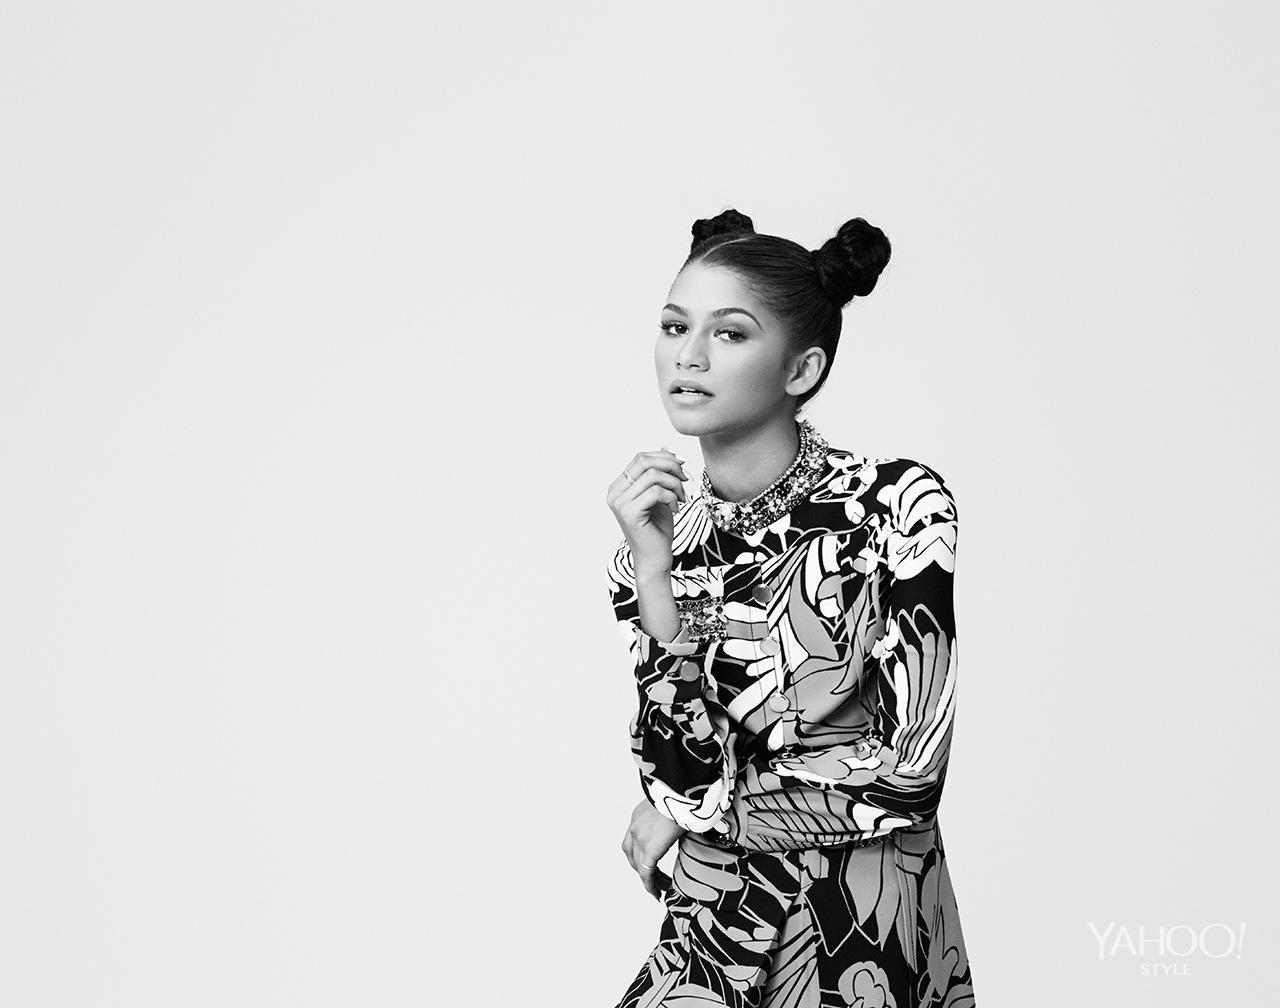 Zendaya Album Photoshoot Zendaya Coleman  s fun photo